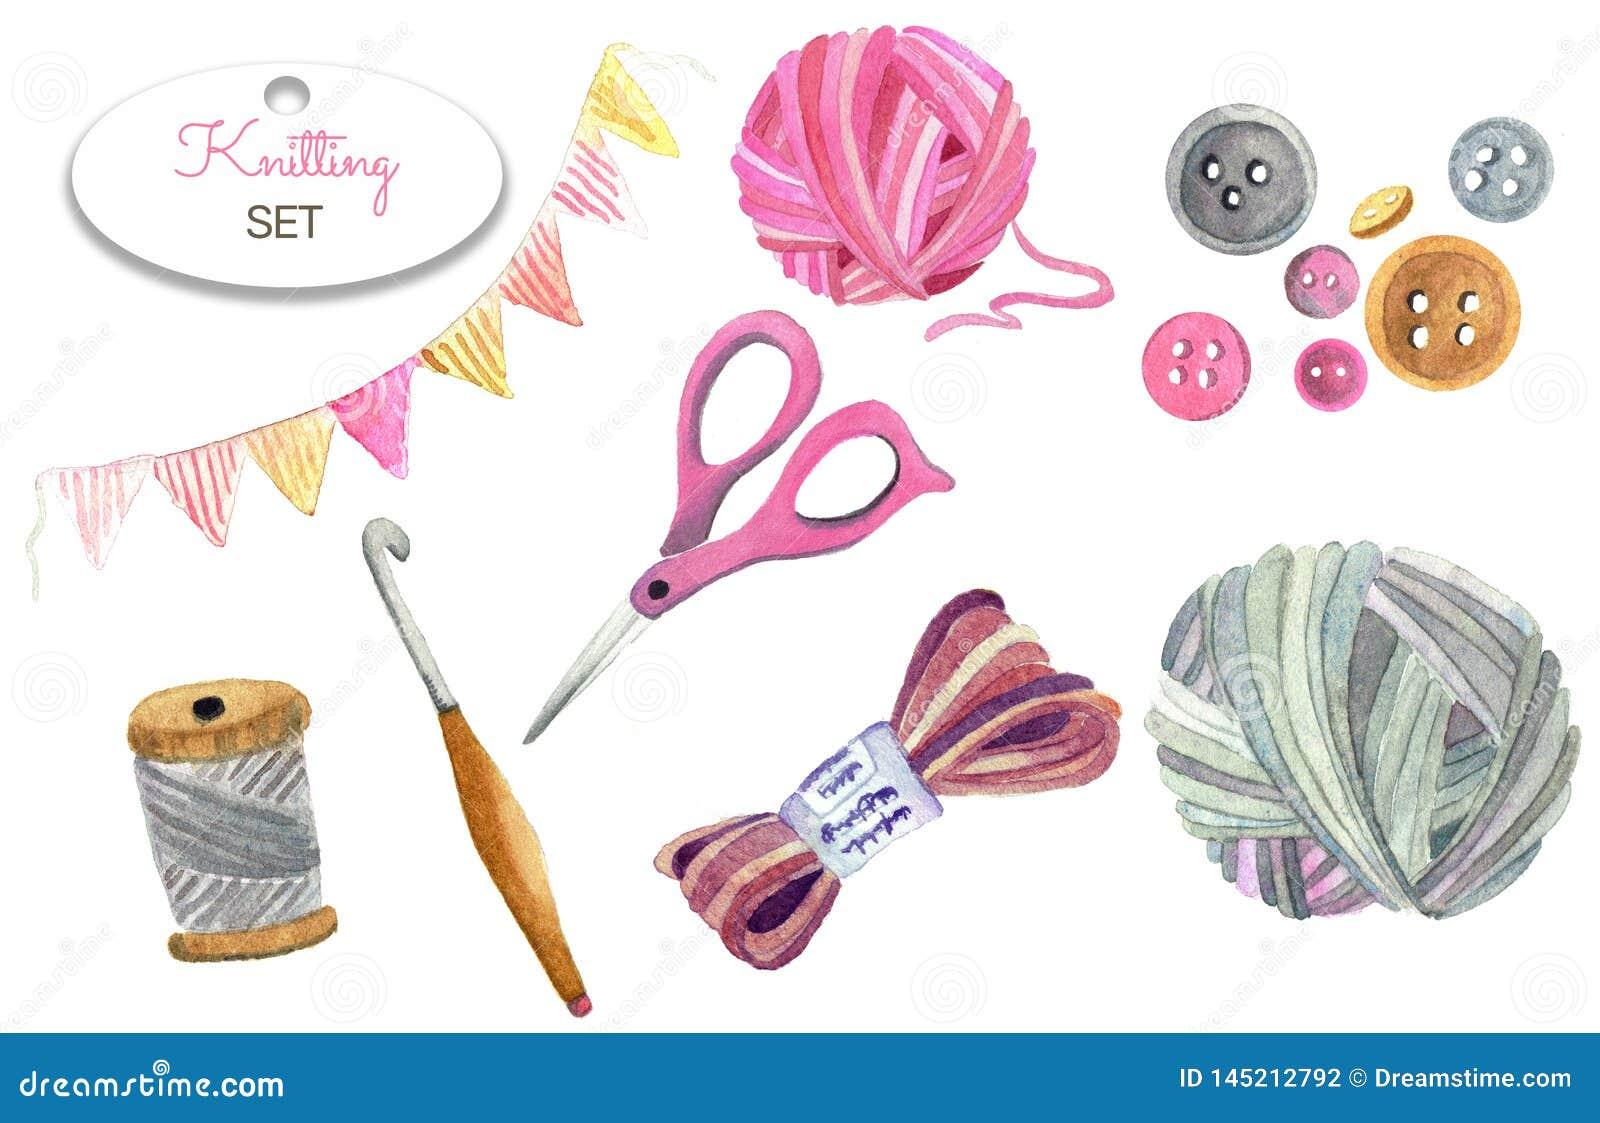 Ciseaux, fil, boutons, boules de fil